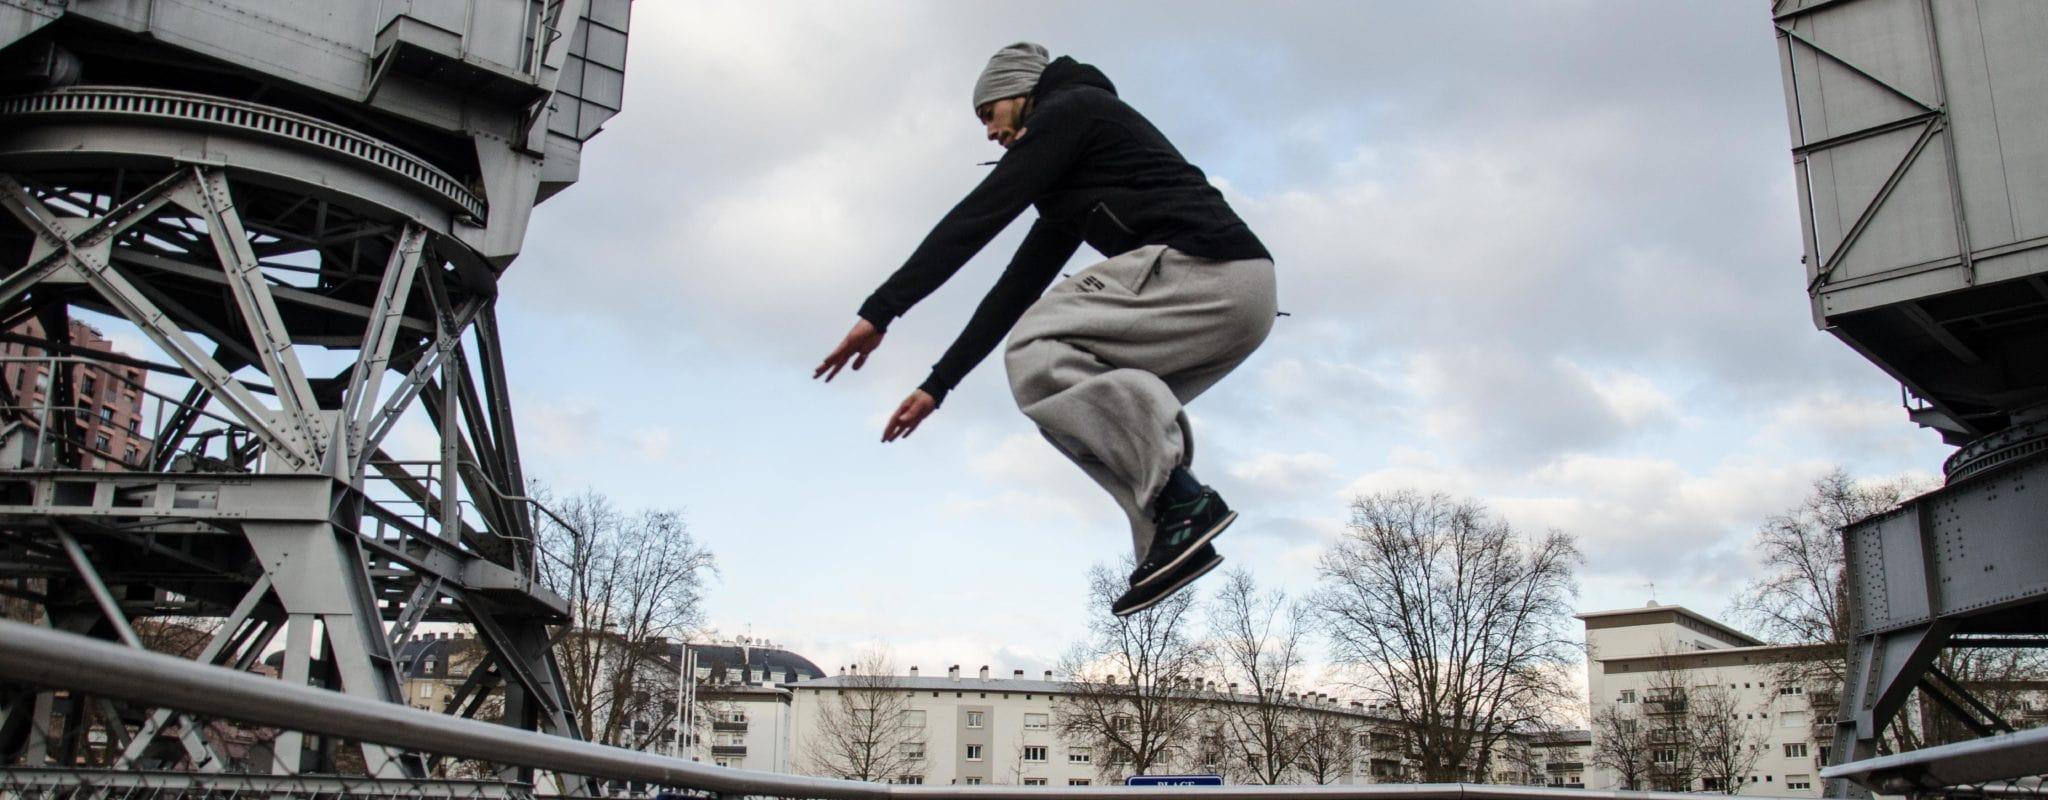 Vétéran du parkour, Jihane Dehbi : «un bon saut est un saut où tu restes entier»